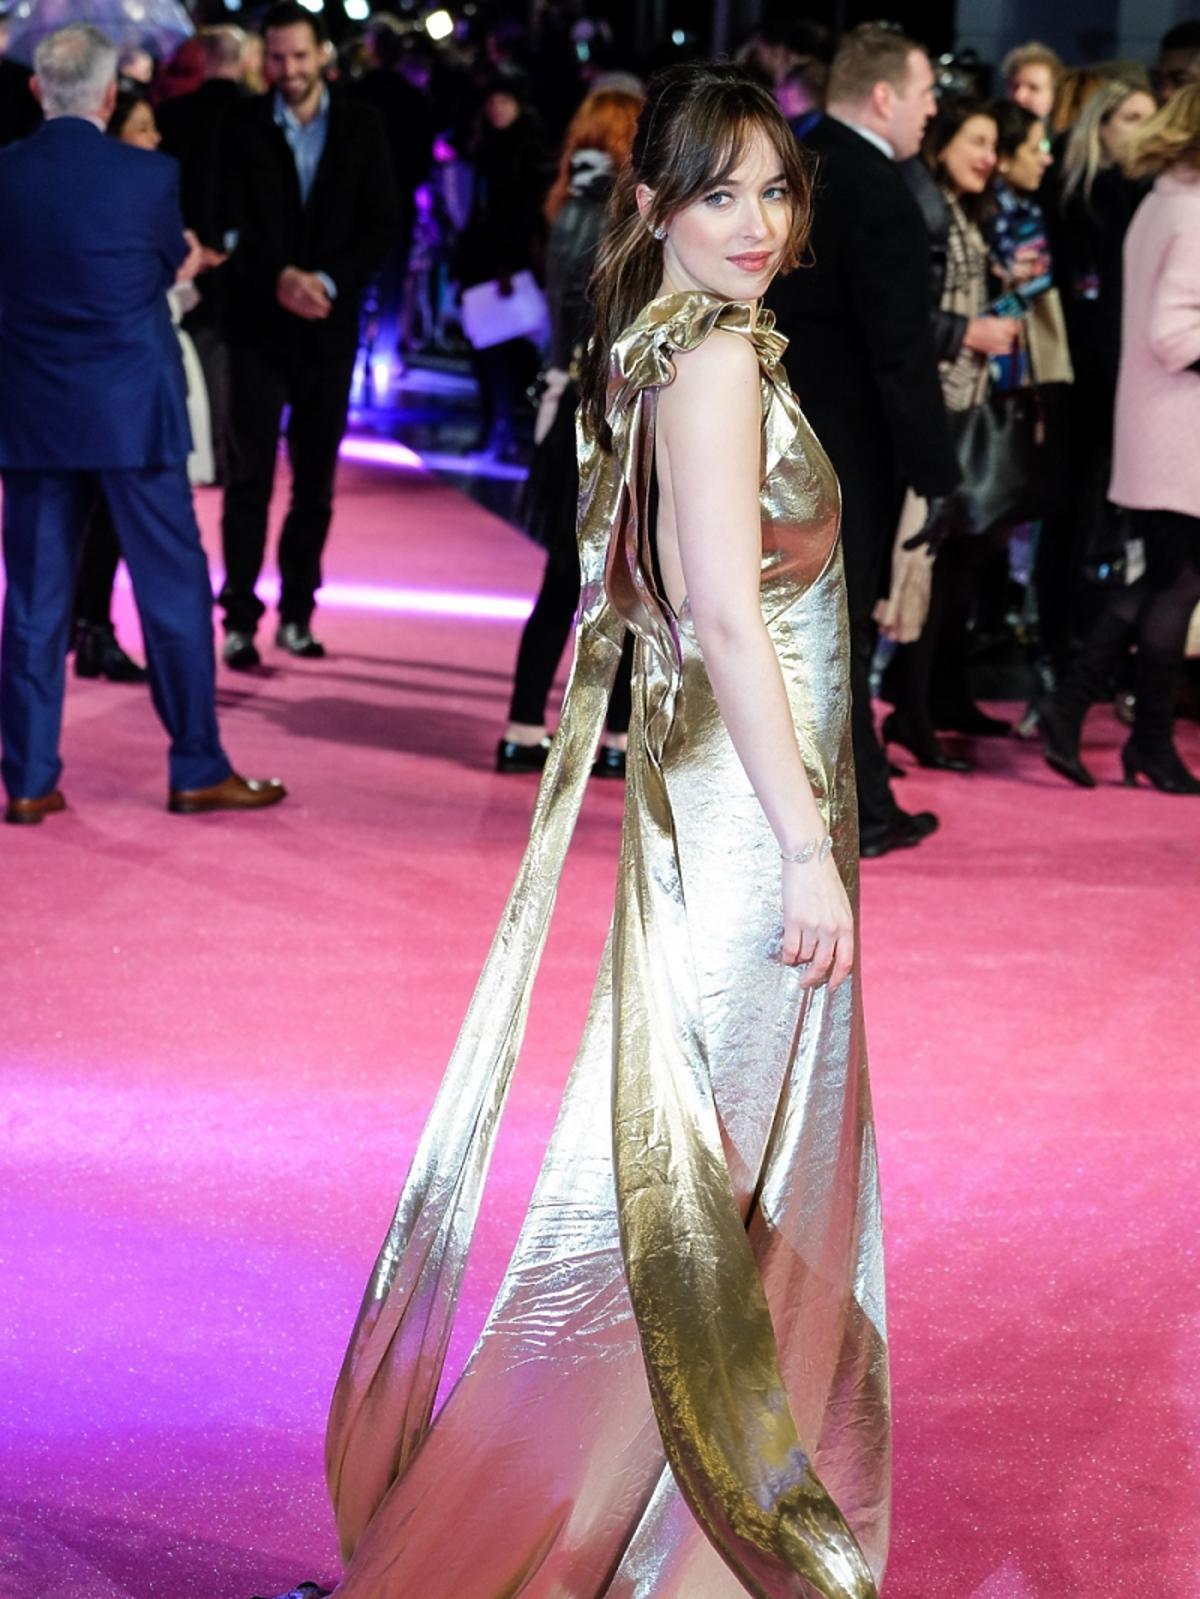 Dakota Johnson stoi bokiem w długiej złotej sukni na różowym dywanie